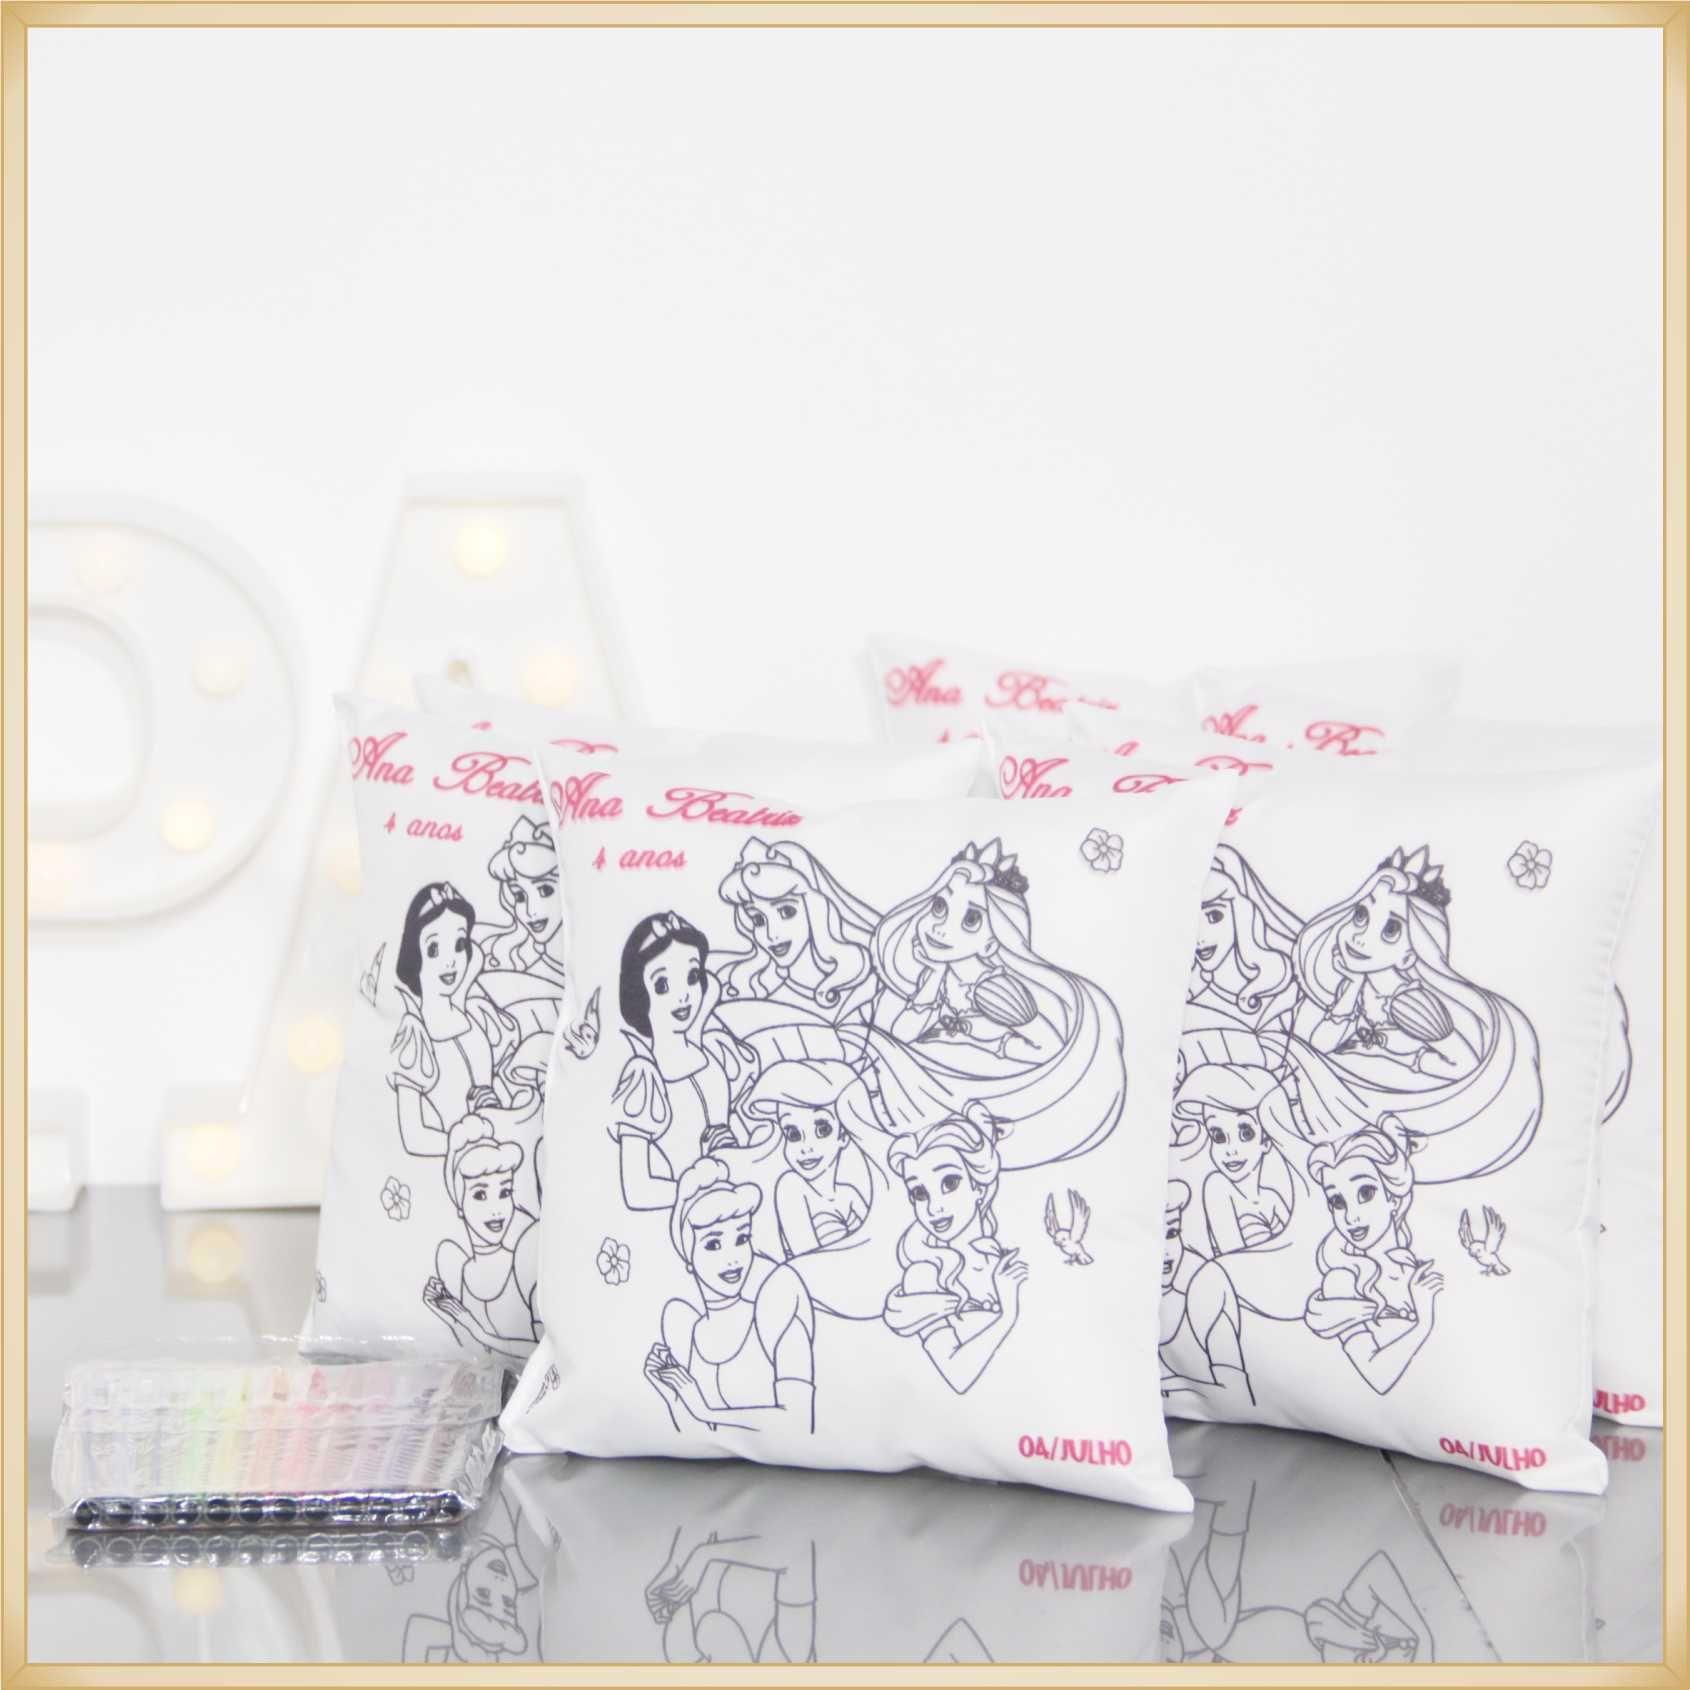 Almofadas para Pintar Personalizadas para lembrancinha aniversário brindes para colorir -Kit com 10 unidades Tamanho 30x30cm.